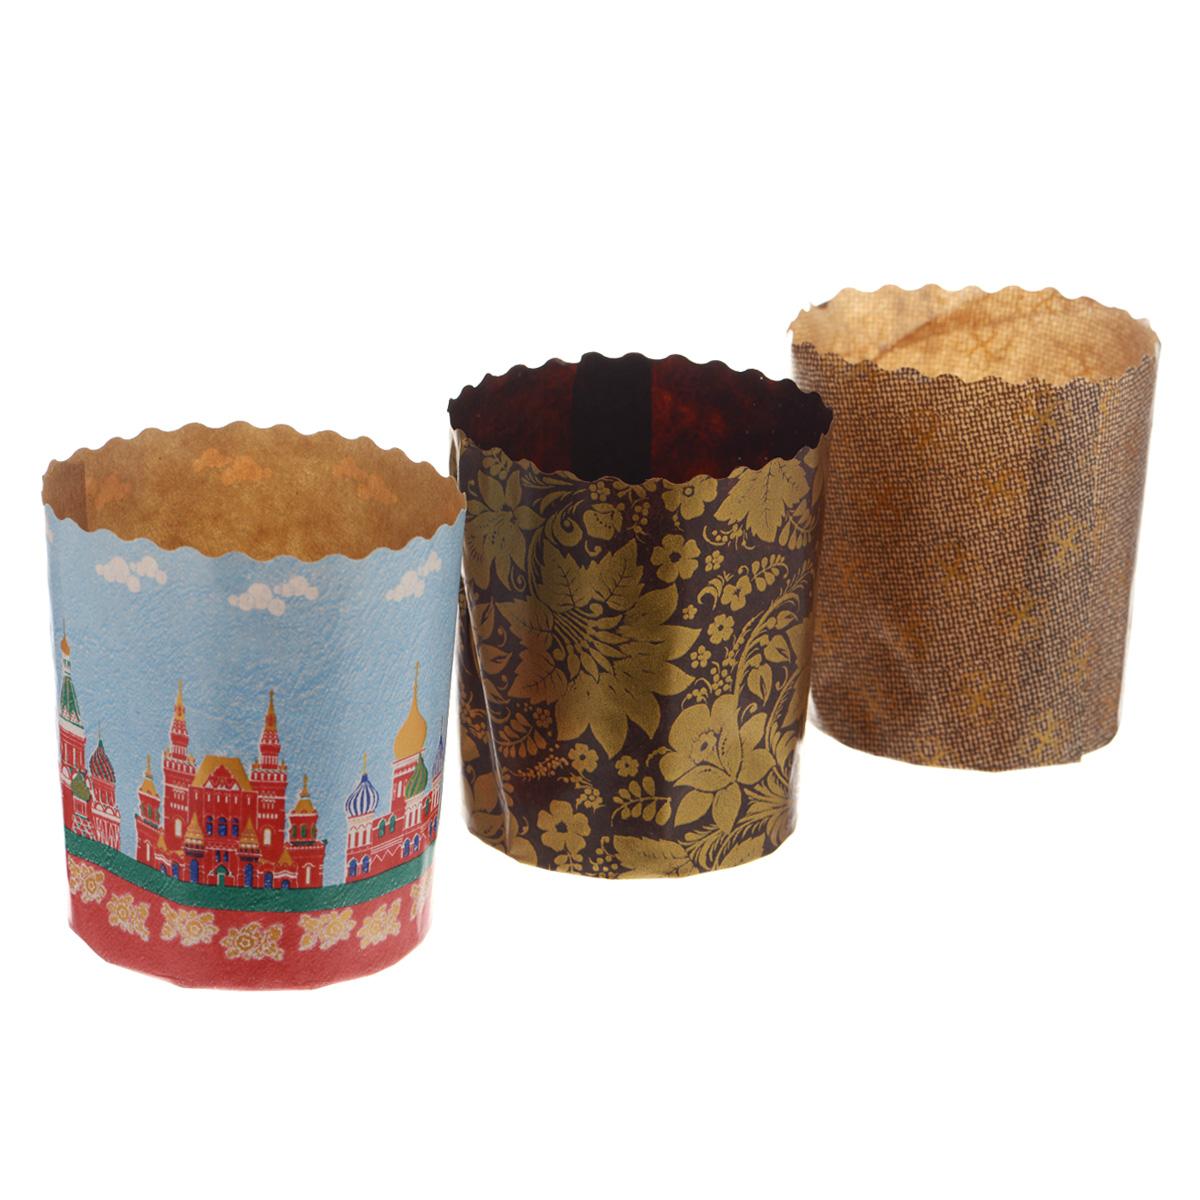 Набор форм для выпечки куличей Marmiton Пасхальный, 3 шт11367Формы Marmiton изготовлены из пищевого пергамента и используются для выпечки куличей при температуре до 220°С, не требуют смазки. Изделия декорированы яркими орнаментами. В наборе - 3 формы.